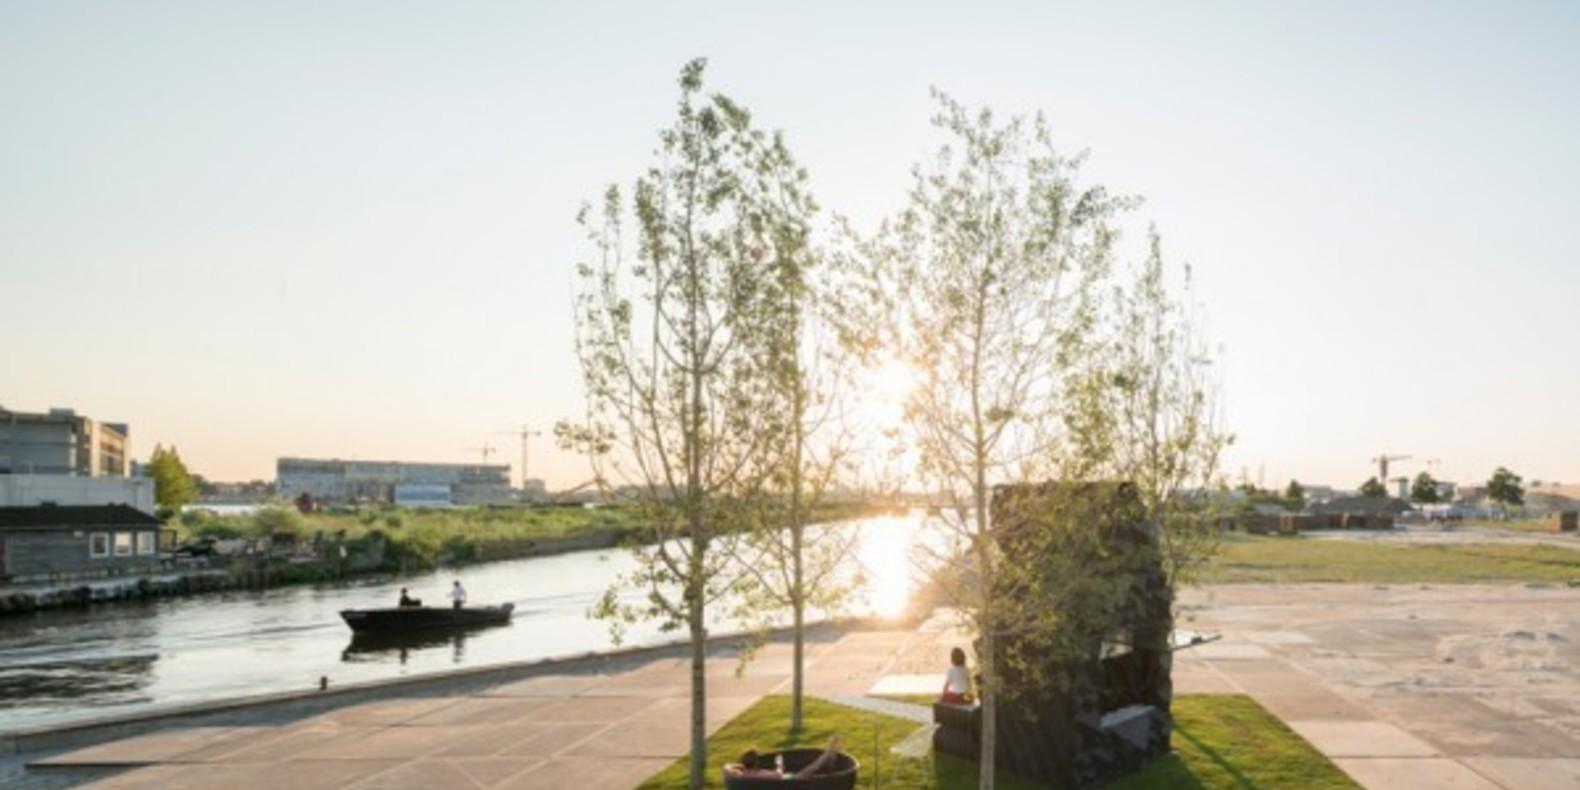 dus-architects-amsterdam-fichier-3d-cults-maison-imprimee-en-3d-6